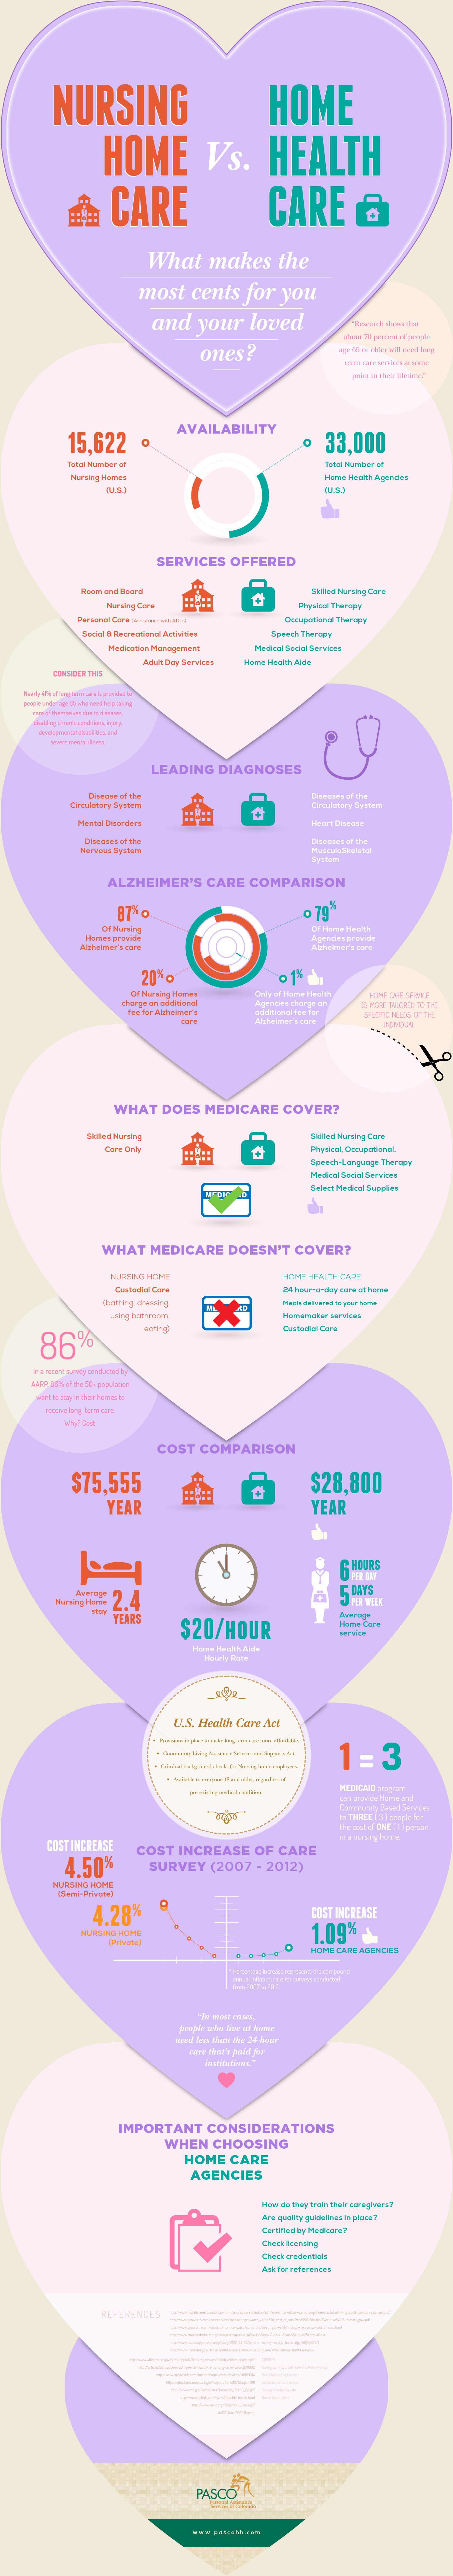 Nursing Home Care vs. Home Health Care